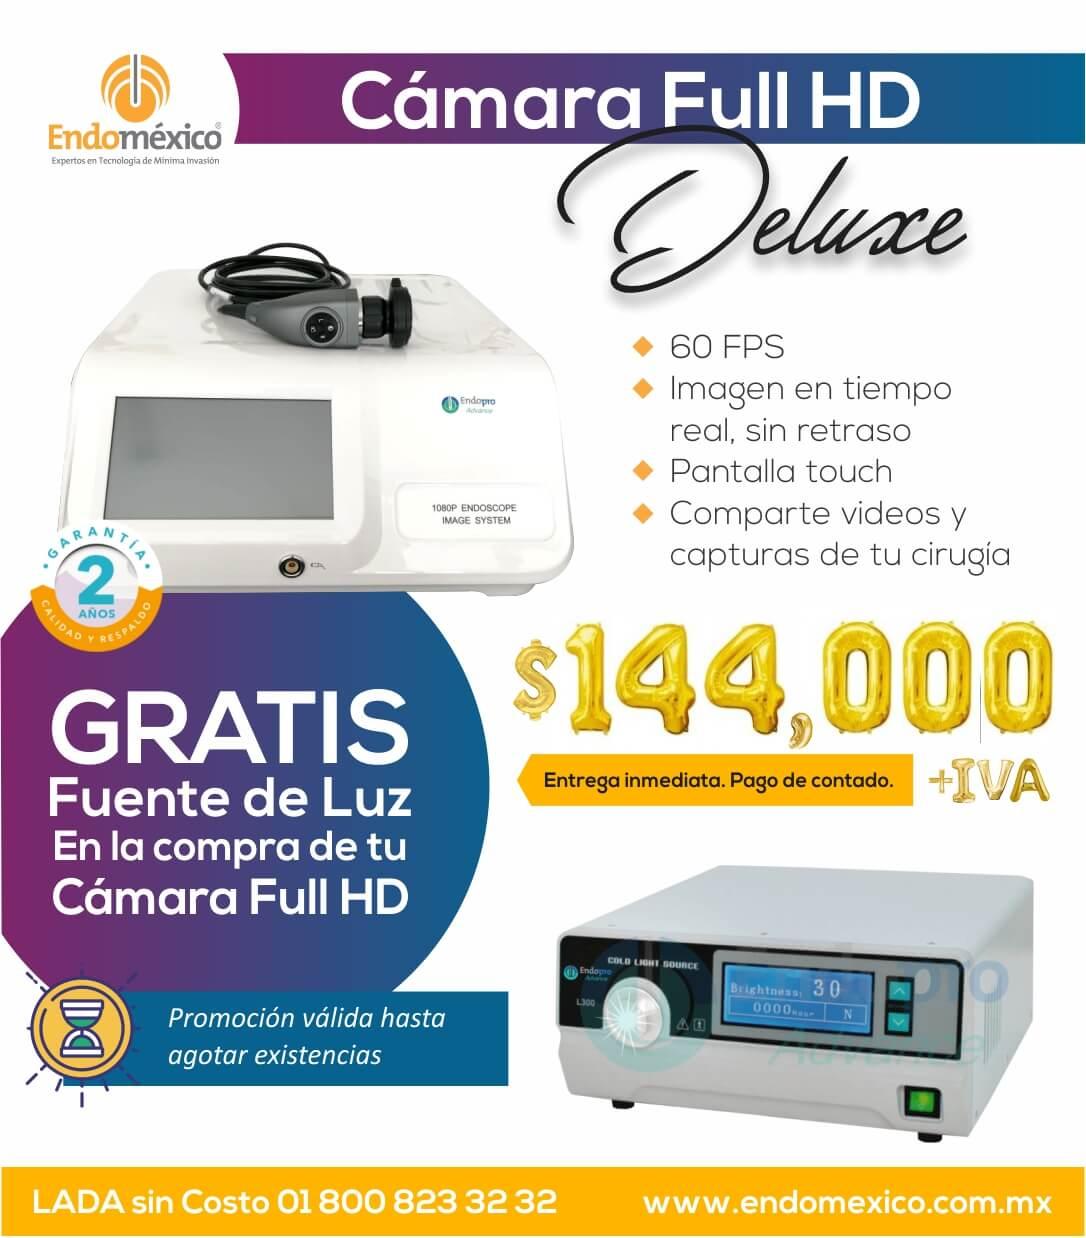 camara-full-hd